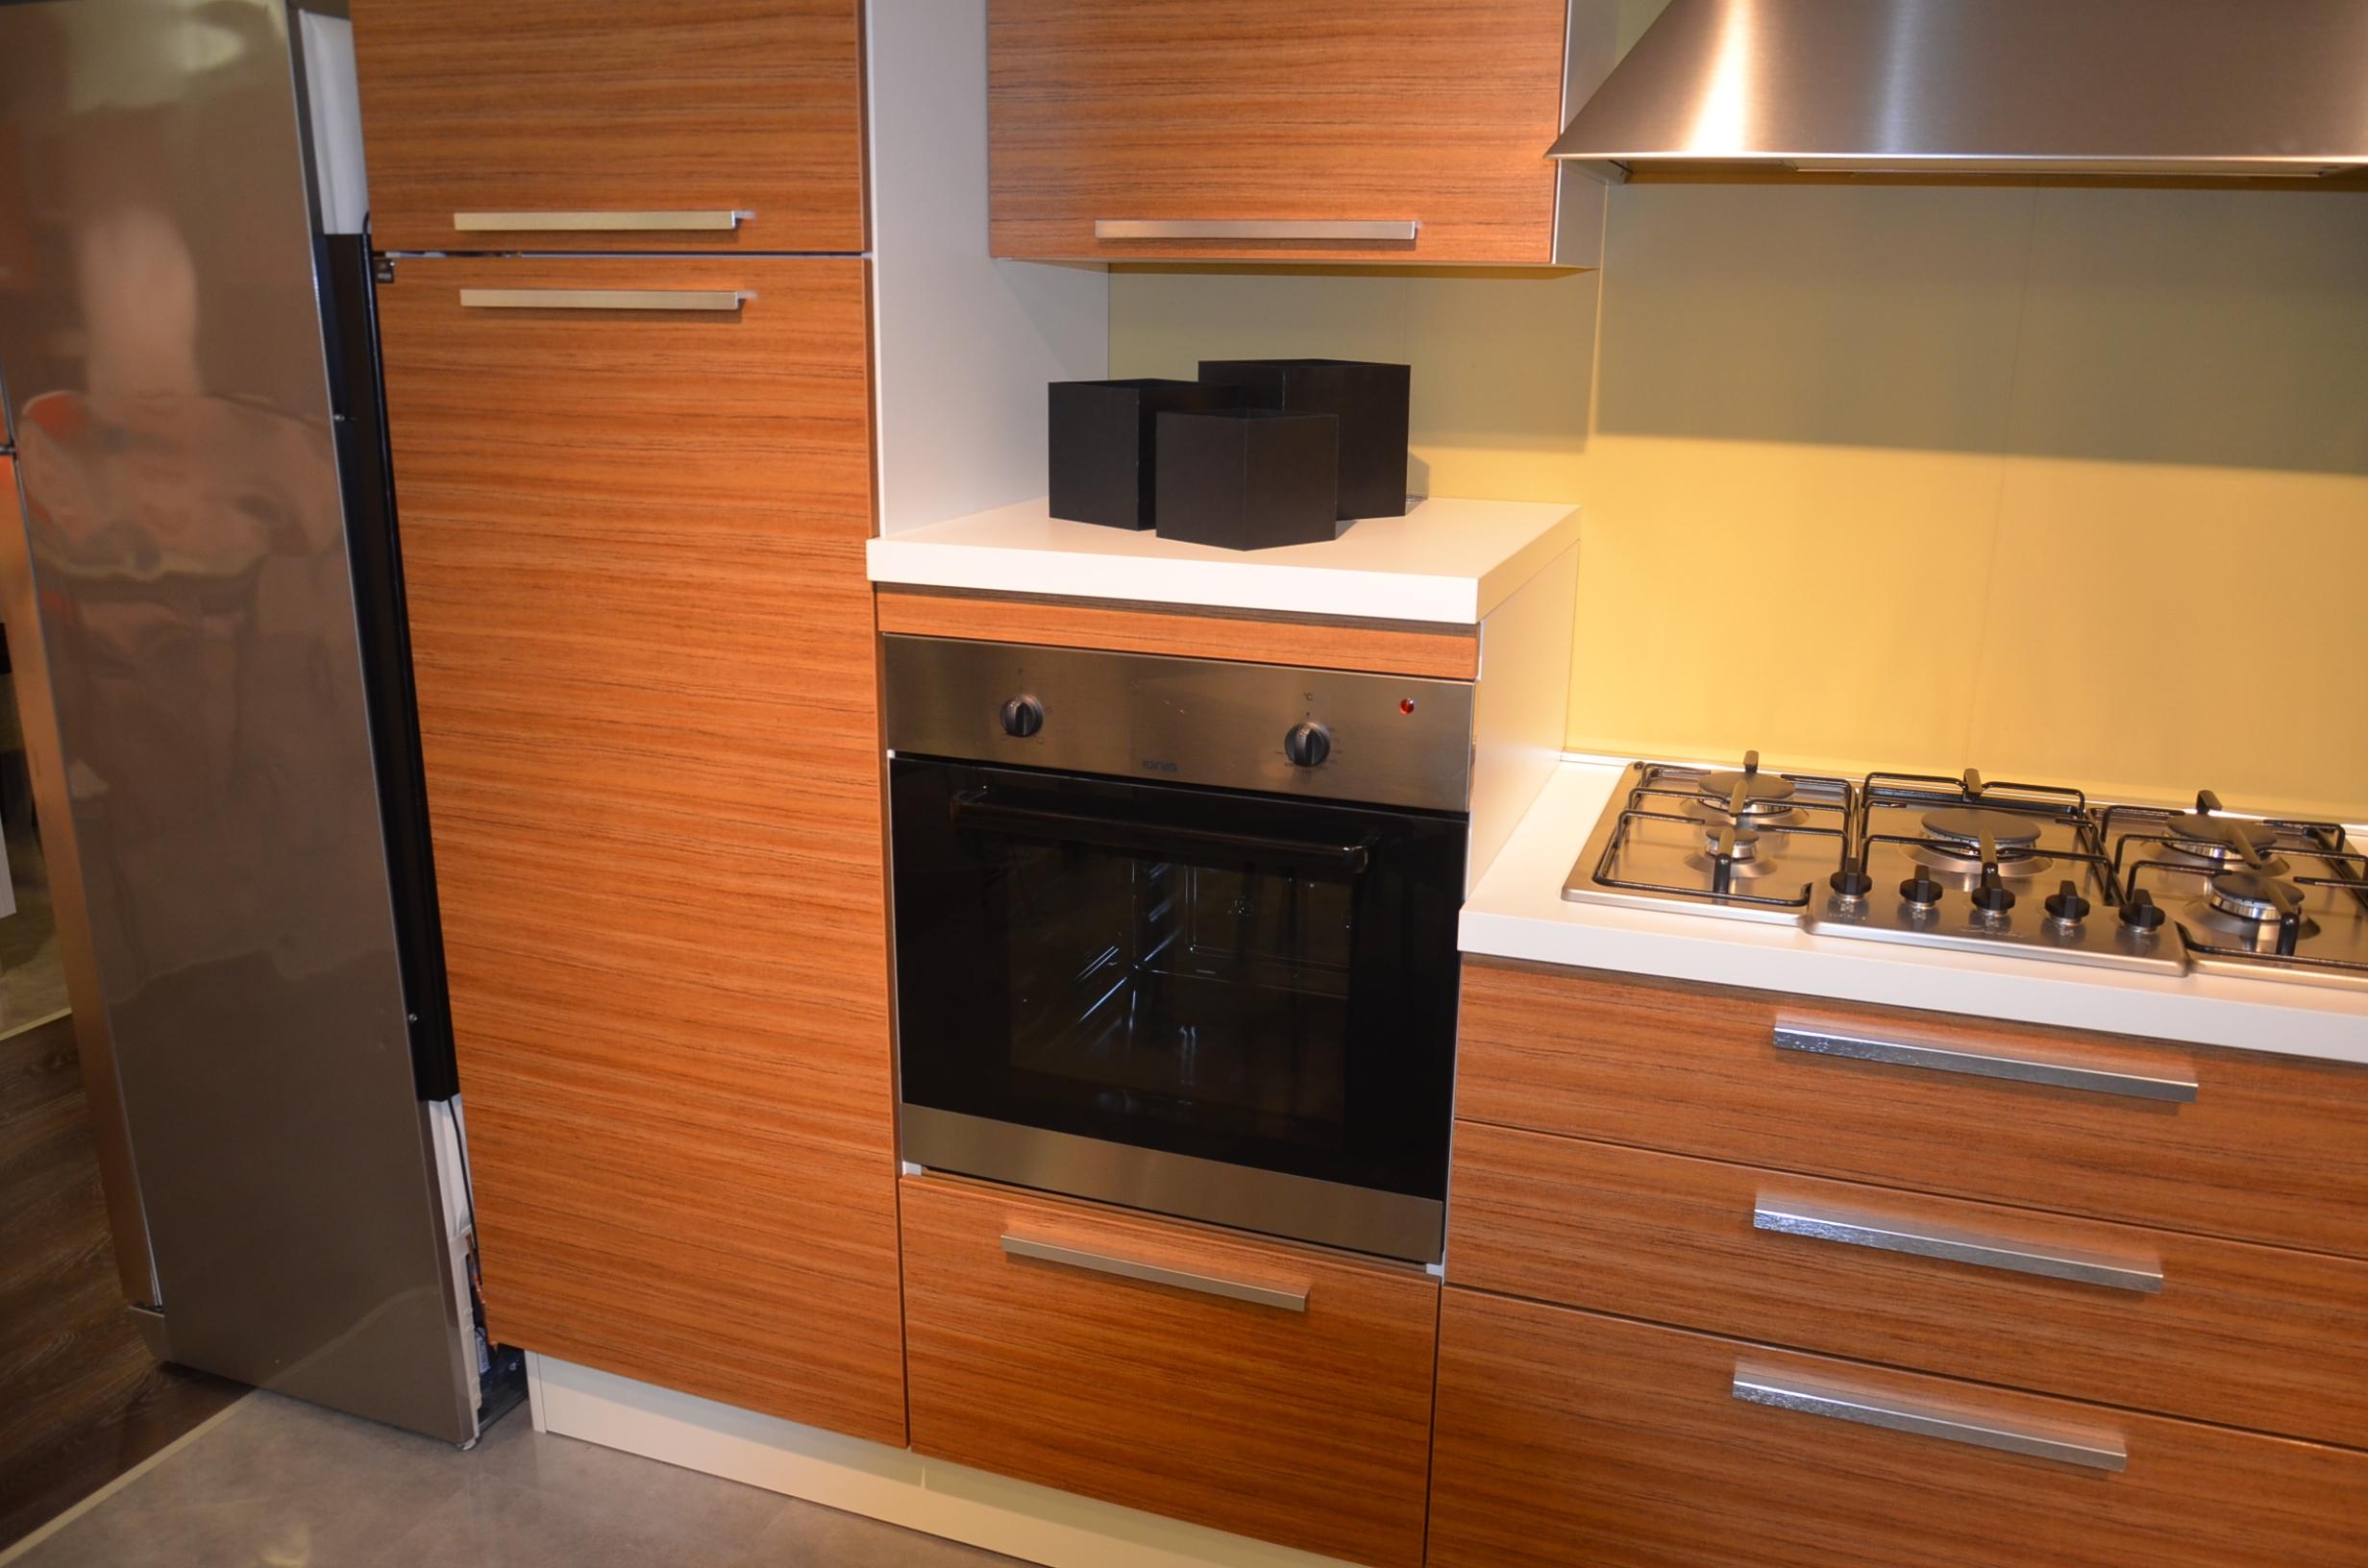 Cucina mod mia cucine a prezzi scontati - Cucina aran mia ...